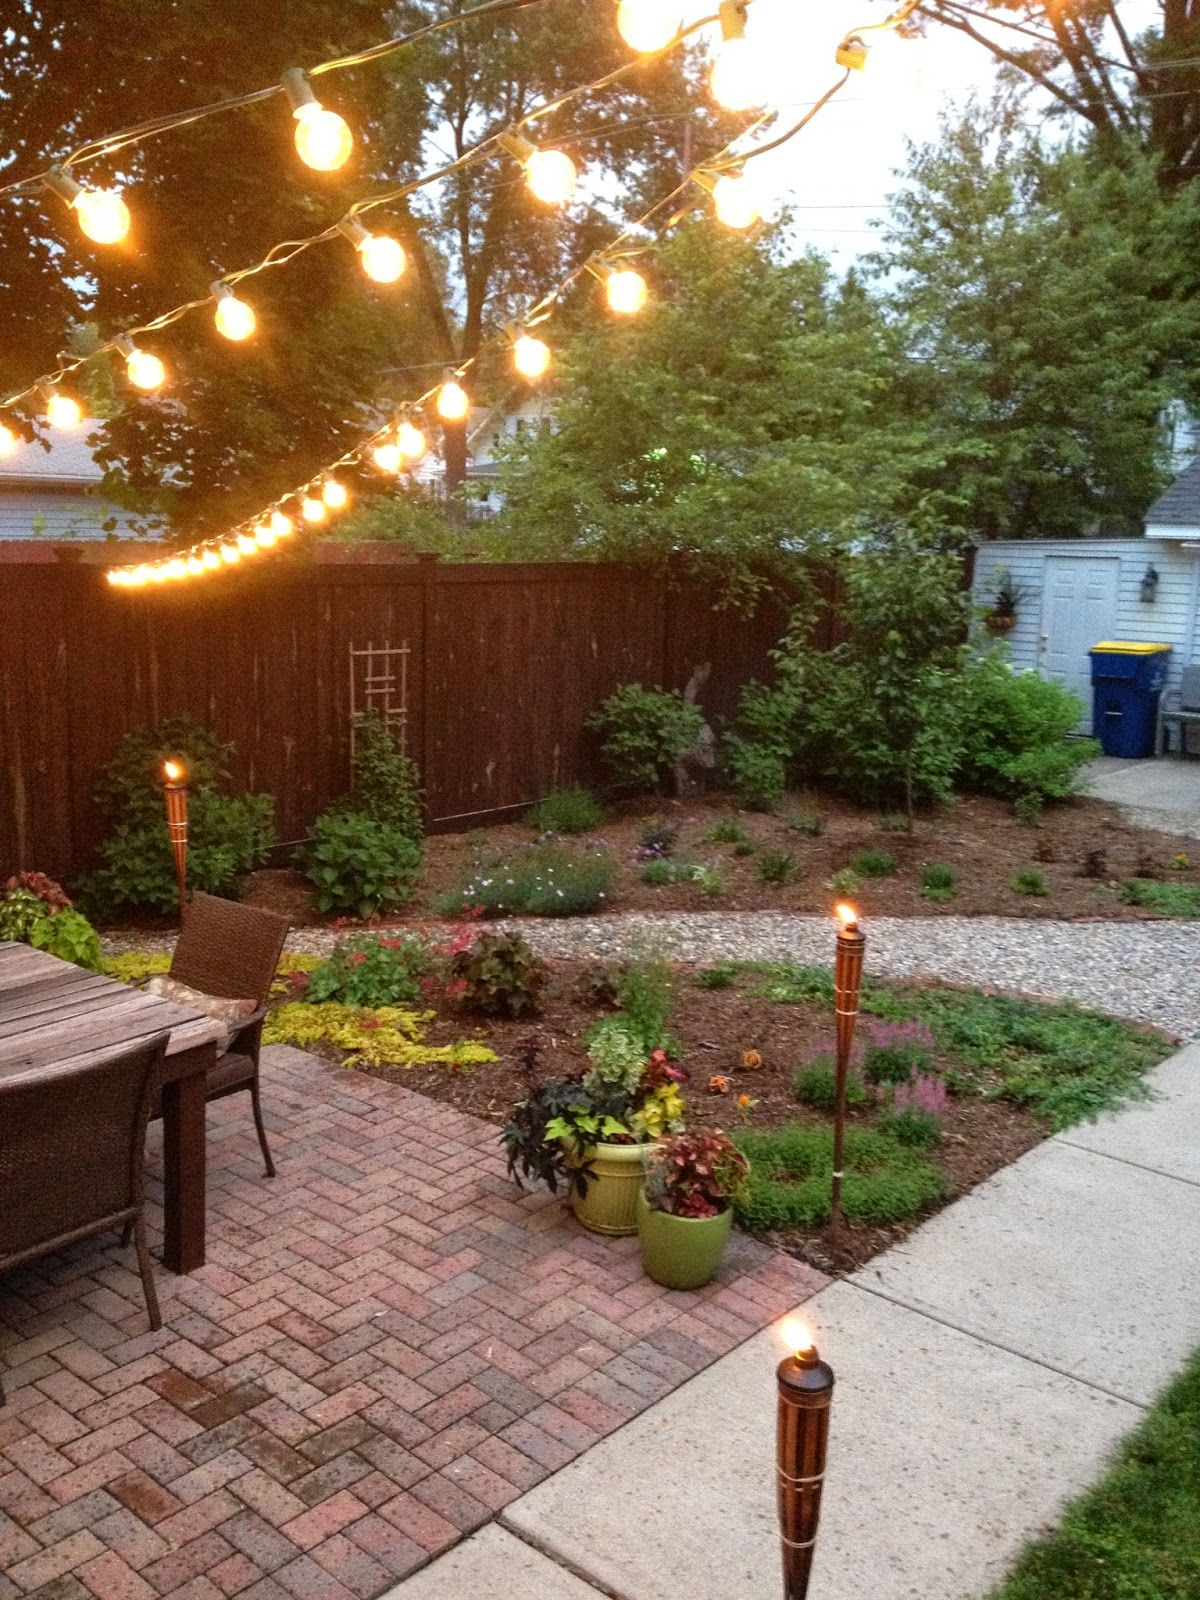 Outdoor Summer Lighting   Hoosier Remodel   Life\'s a Garden, Dig it ...